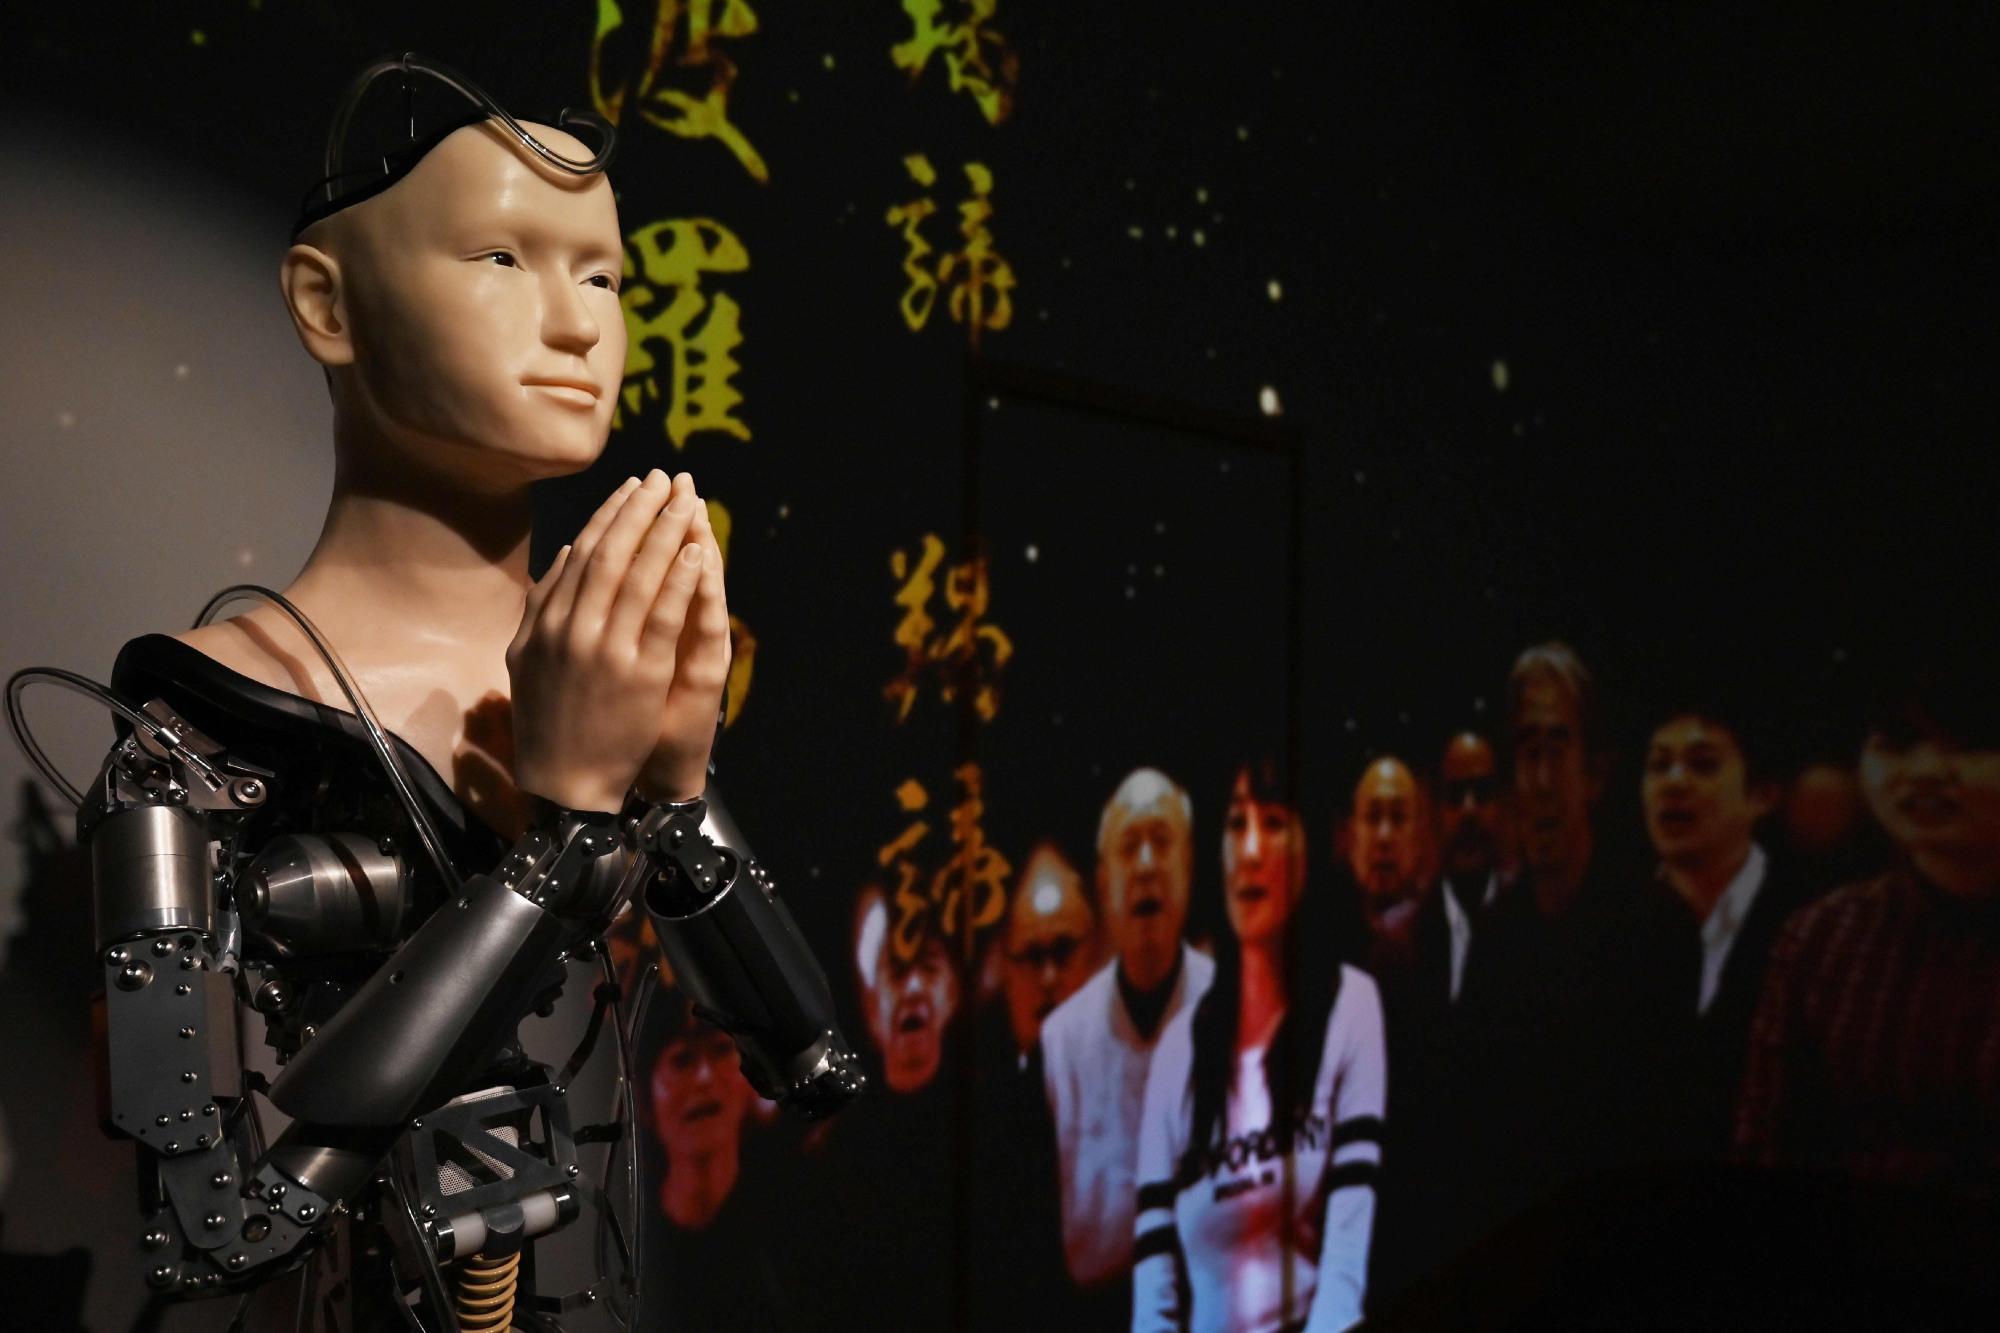 जापानको बौद्ध गुम्बामा रोबर्ट पुजारी